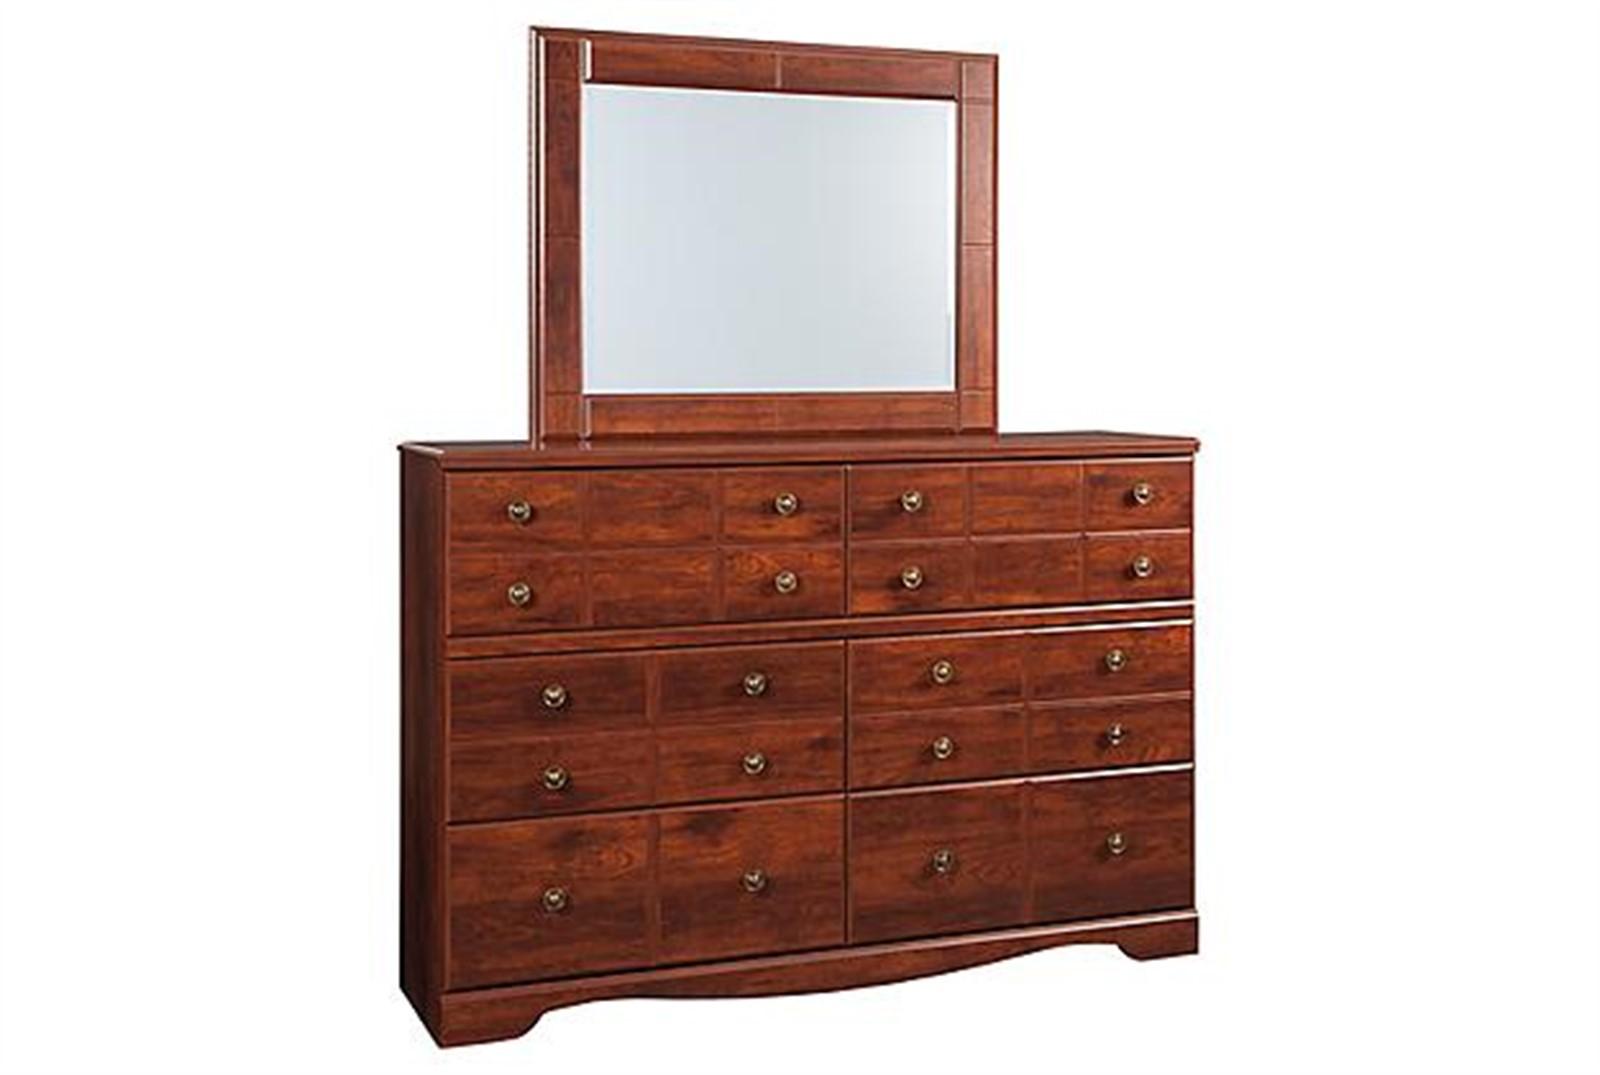 Brittberg Dresser and Mirror Set - Reddish Brown